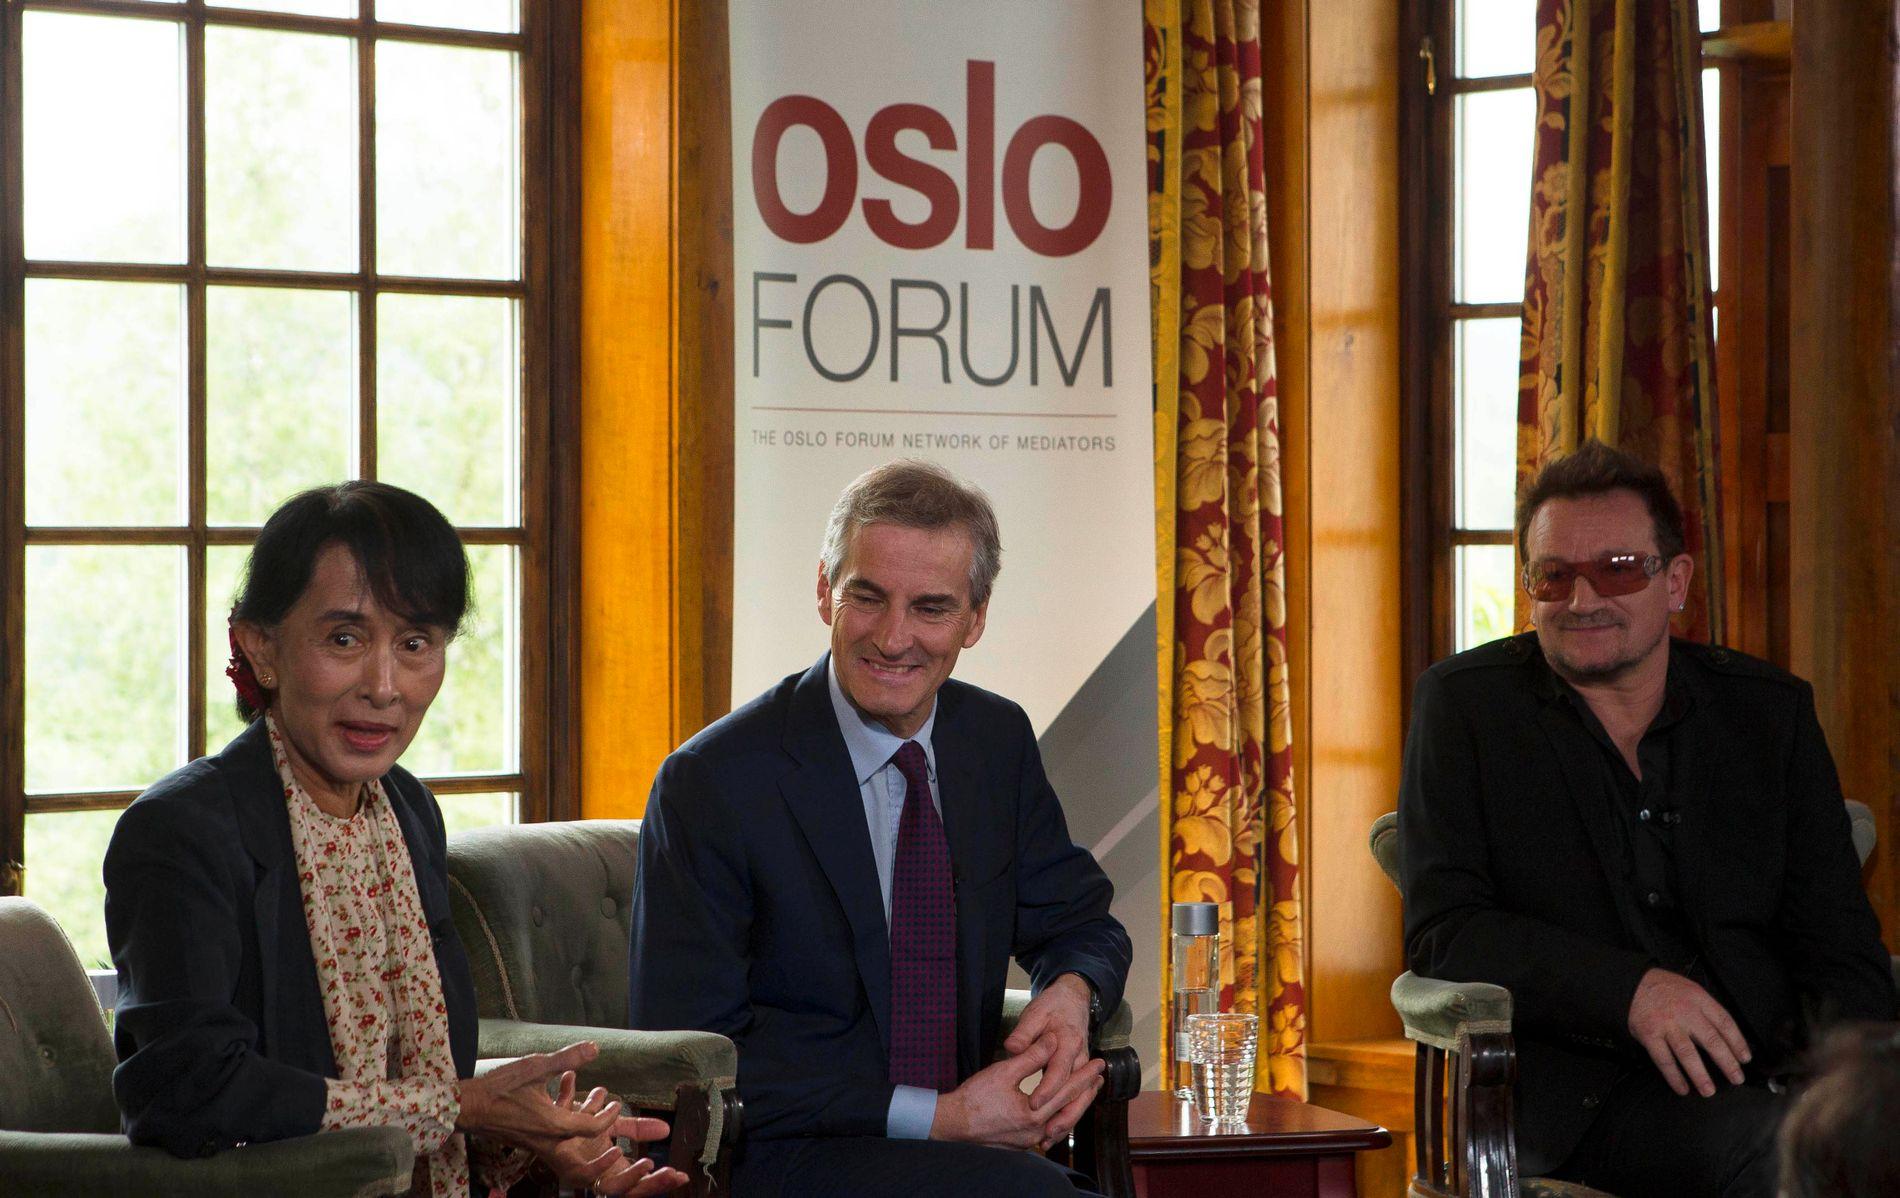 BEUNDRET: Aung San Suu Kyi, Jonas Gahr Støre og Bono tenkte høyt sammen på Losby Gods sommeren for fem år siden. Dialog, demokrati og gjensidig beundring var nøkkelbegrep i samtalen mellom de tre. Foto: AP